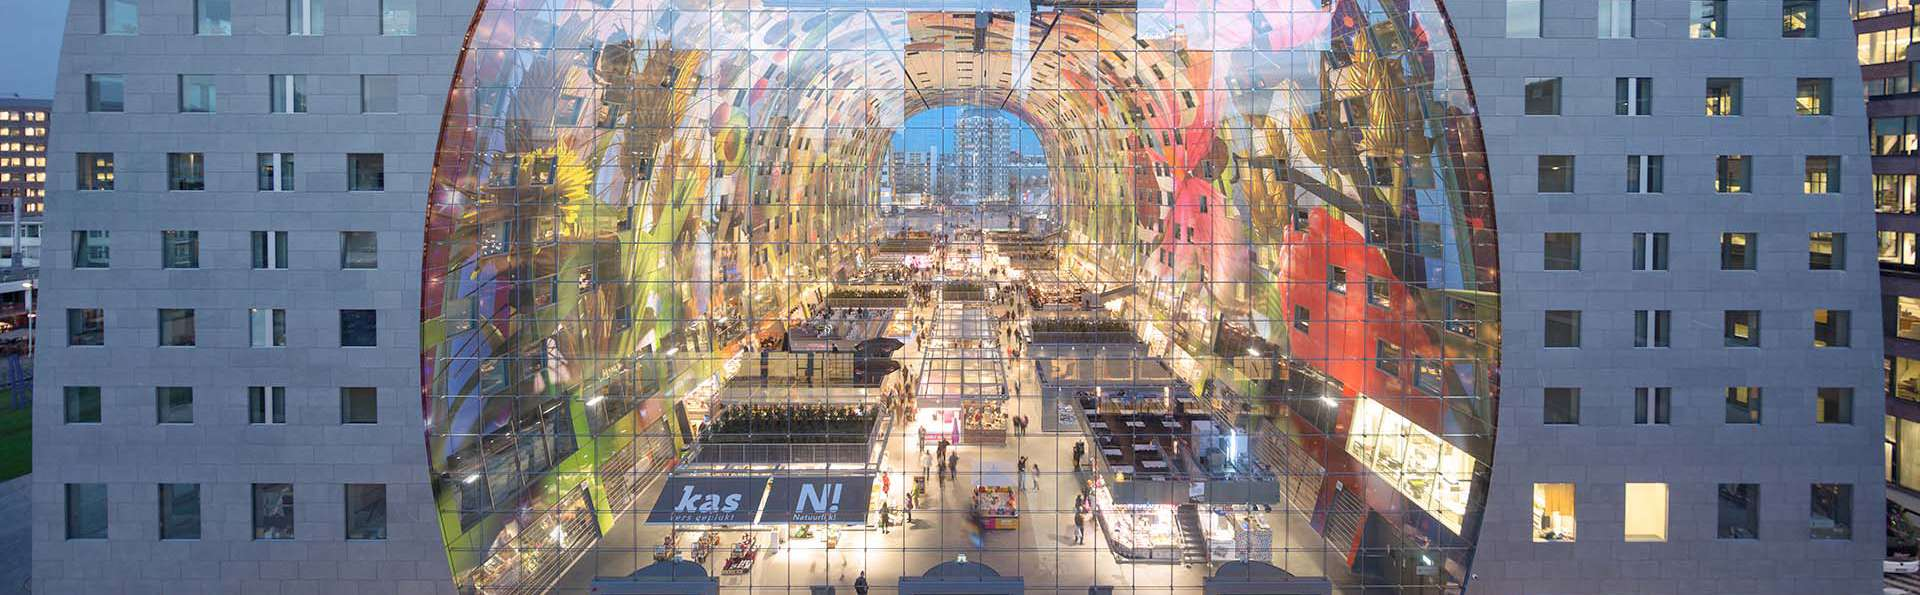 Rotterdam Marriott Hotel - EDIT_FRONT_02.jpg